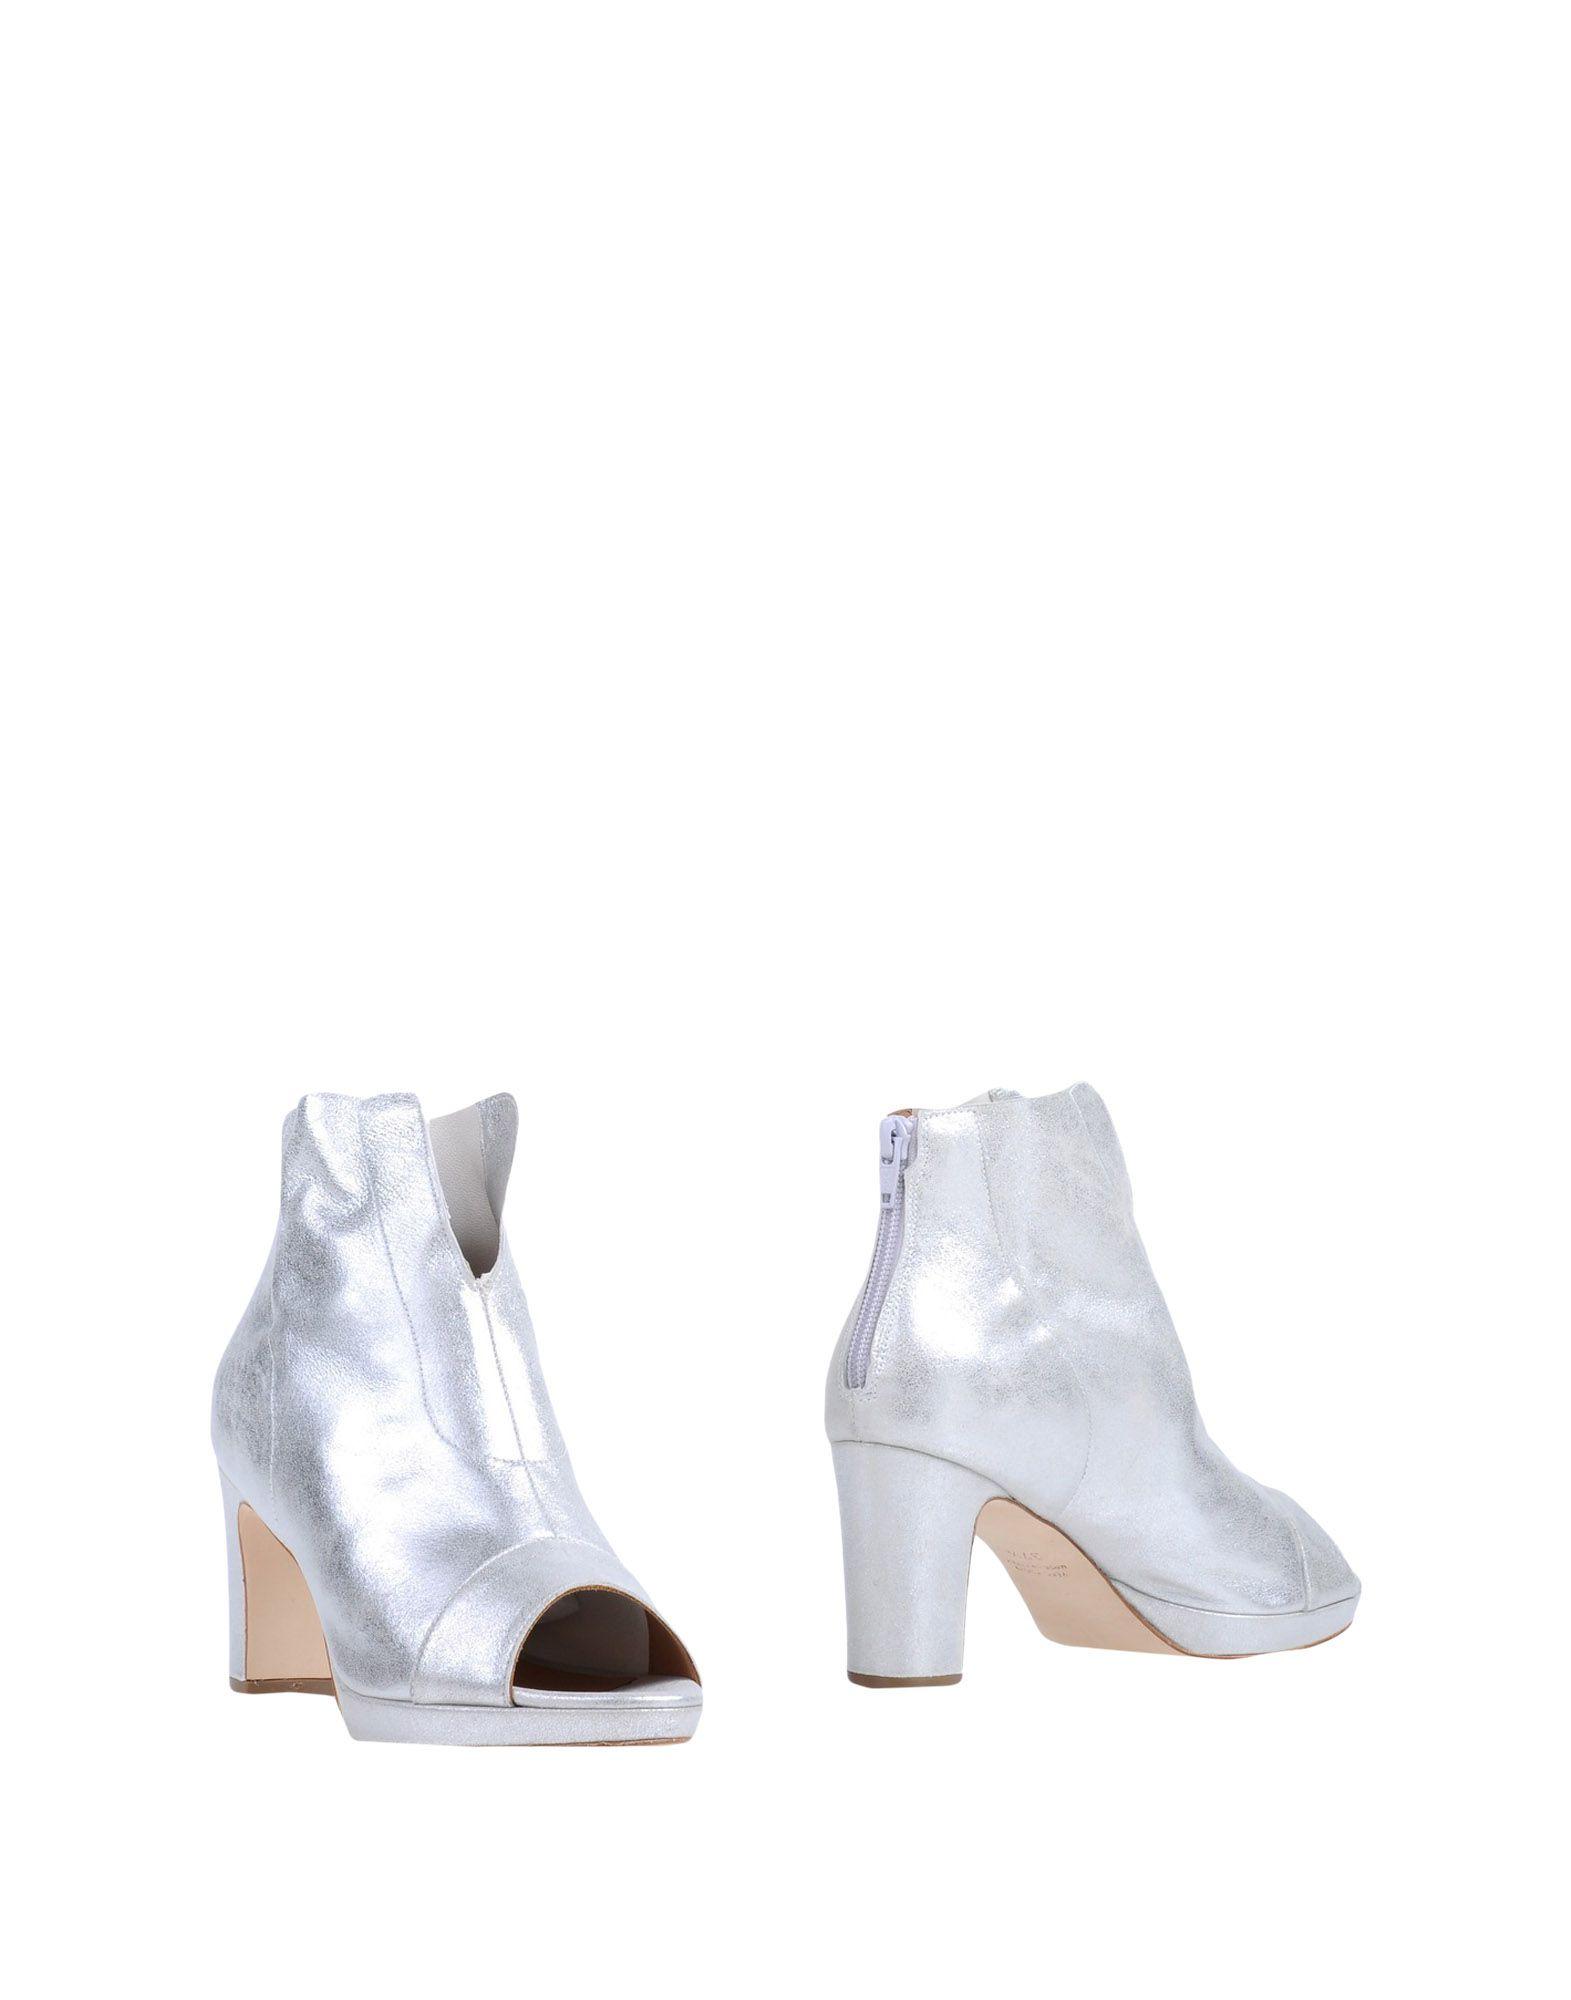 Michelediloco Stiefelette Damen  11378849RJ Gute Qualität beliebte Schuhe